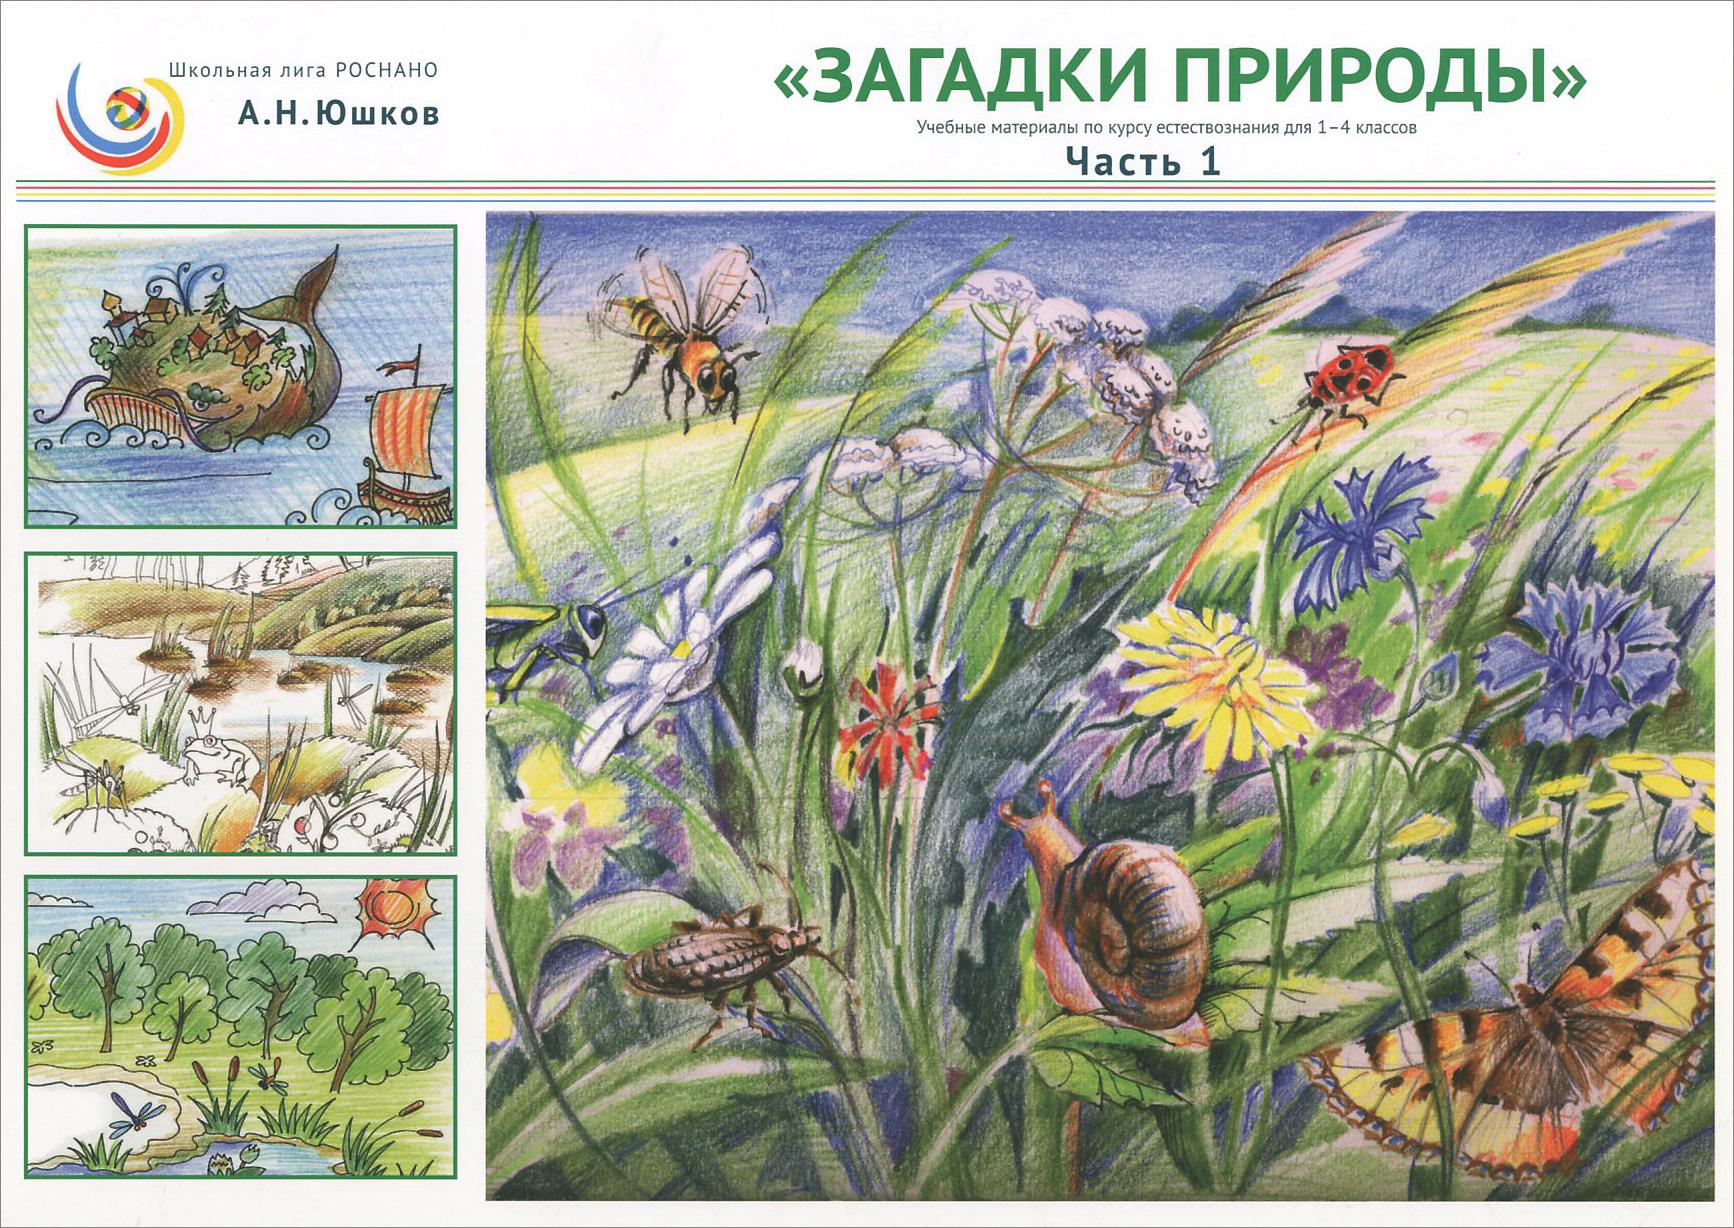 Загадки природы. 1-4 классы. Учебные материалы по курсу естествознания.  Часть 1